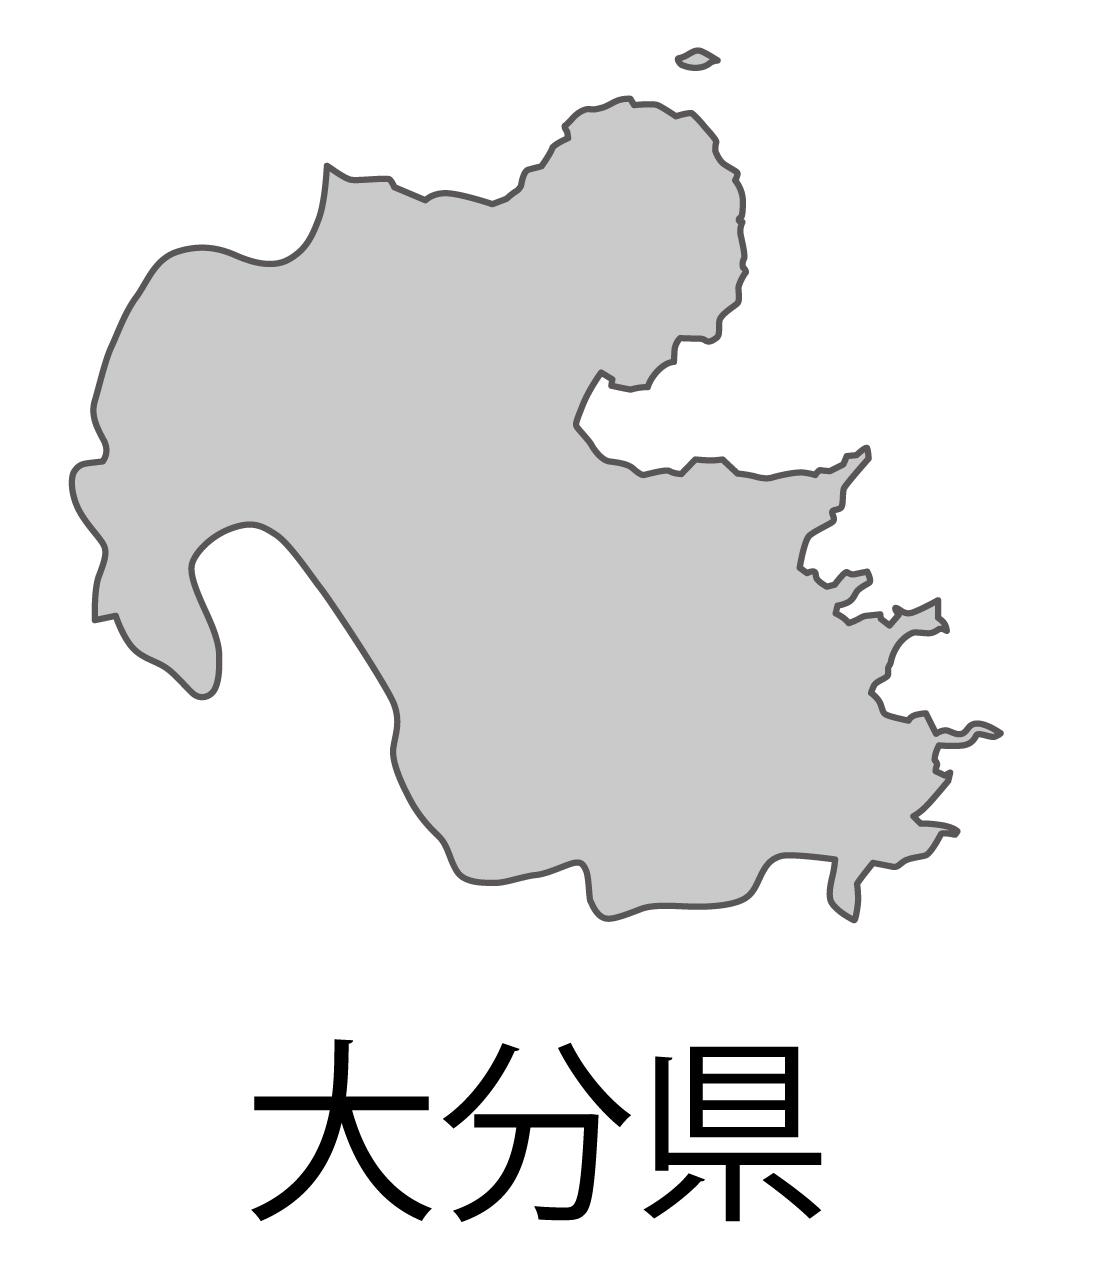 大分県無料フリーイラスト|日本語・都道府県名あり(グレー)